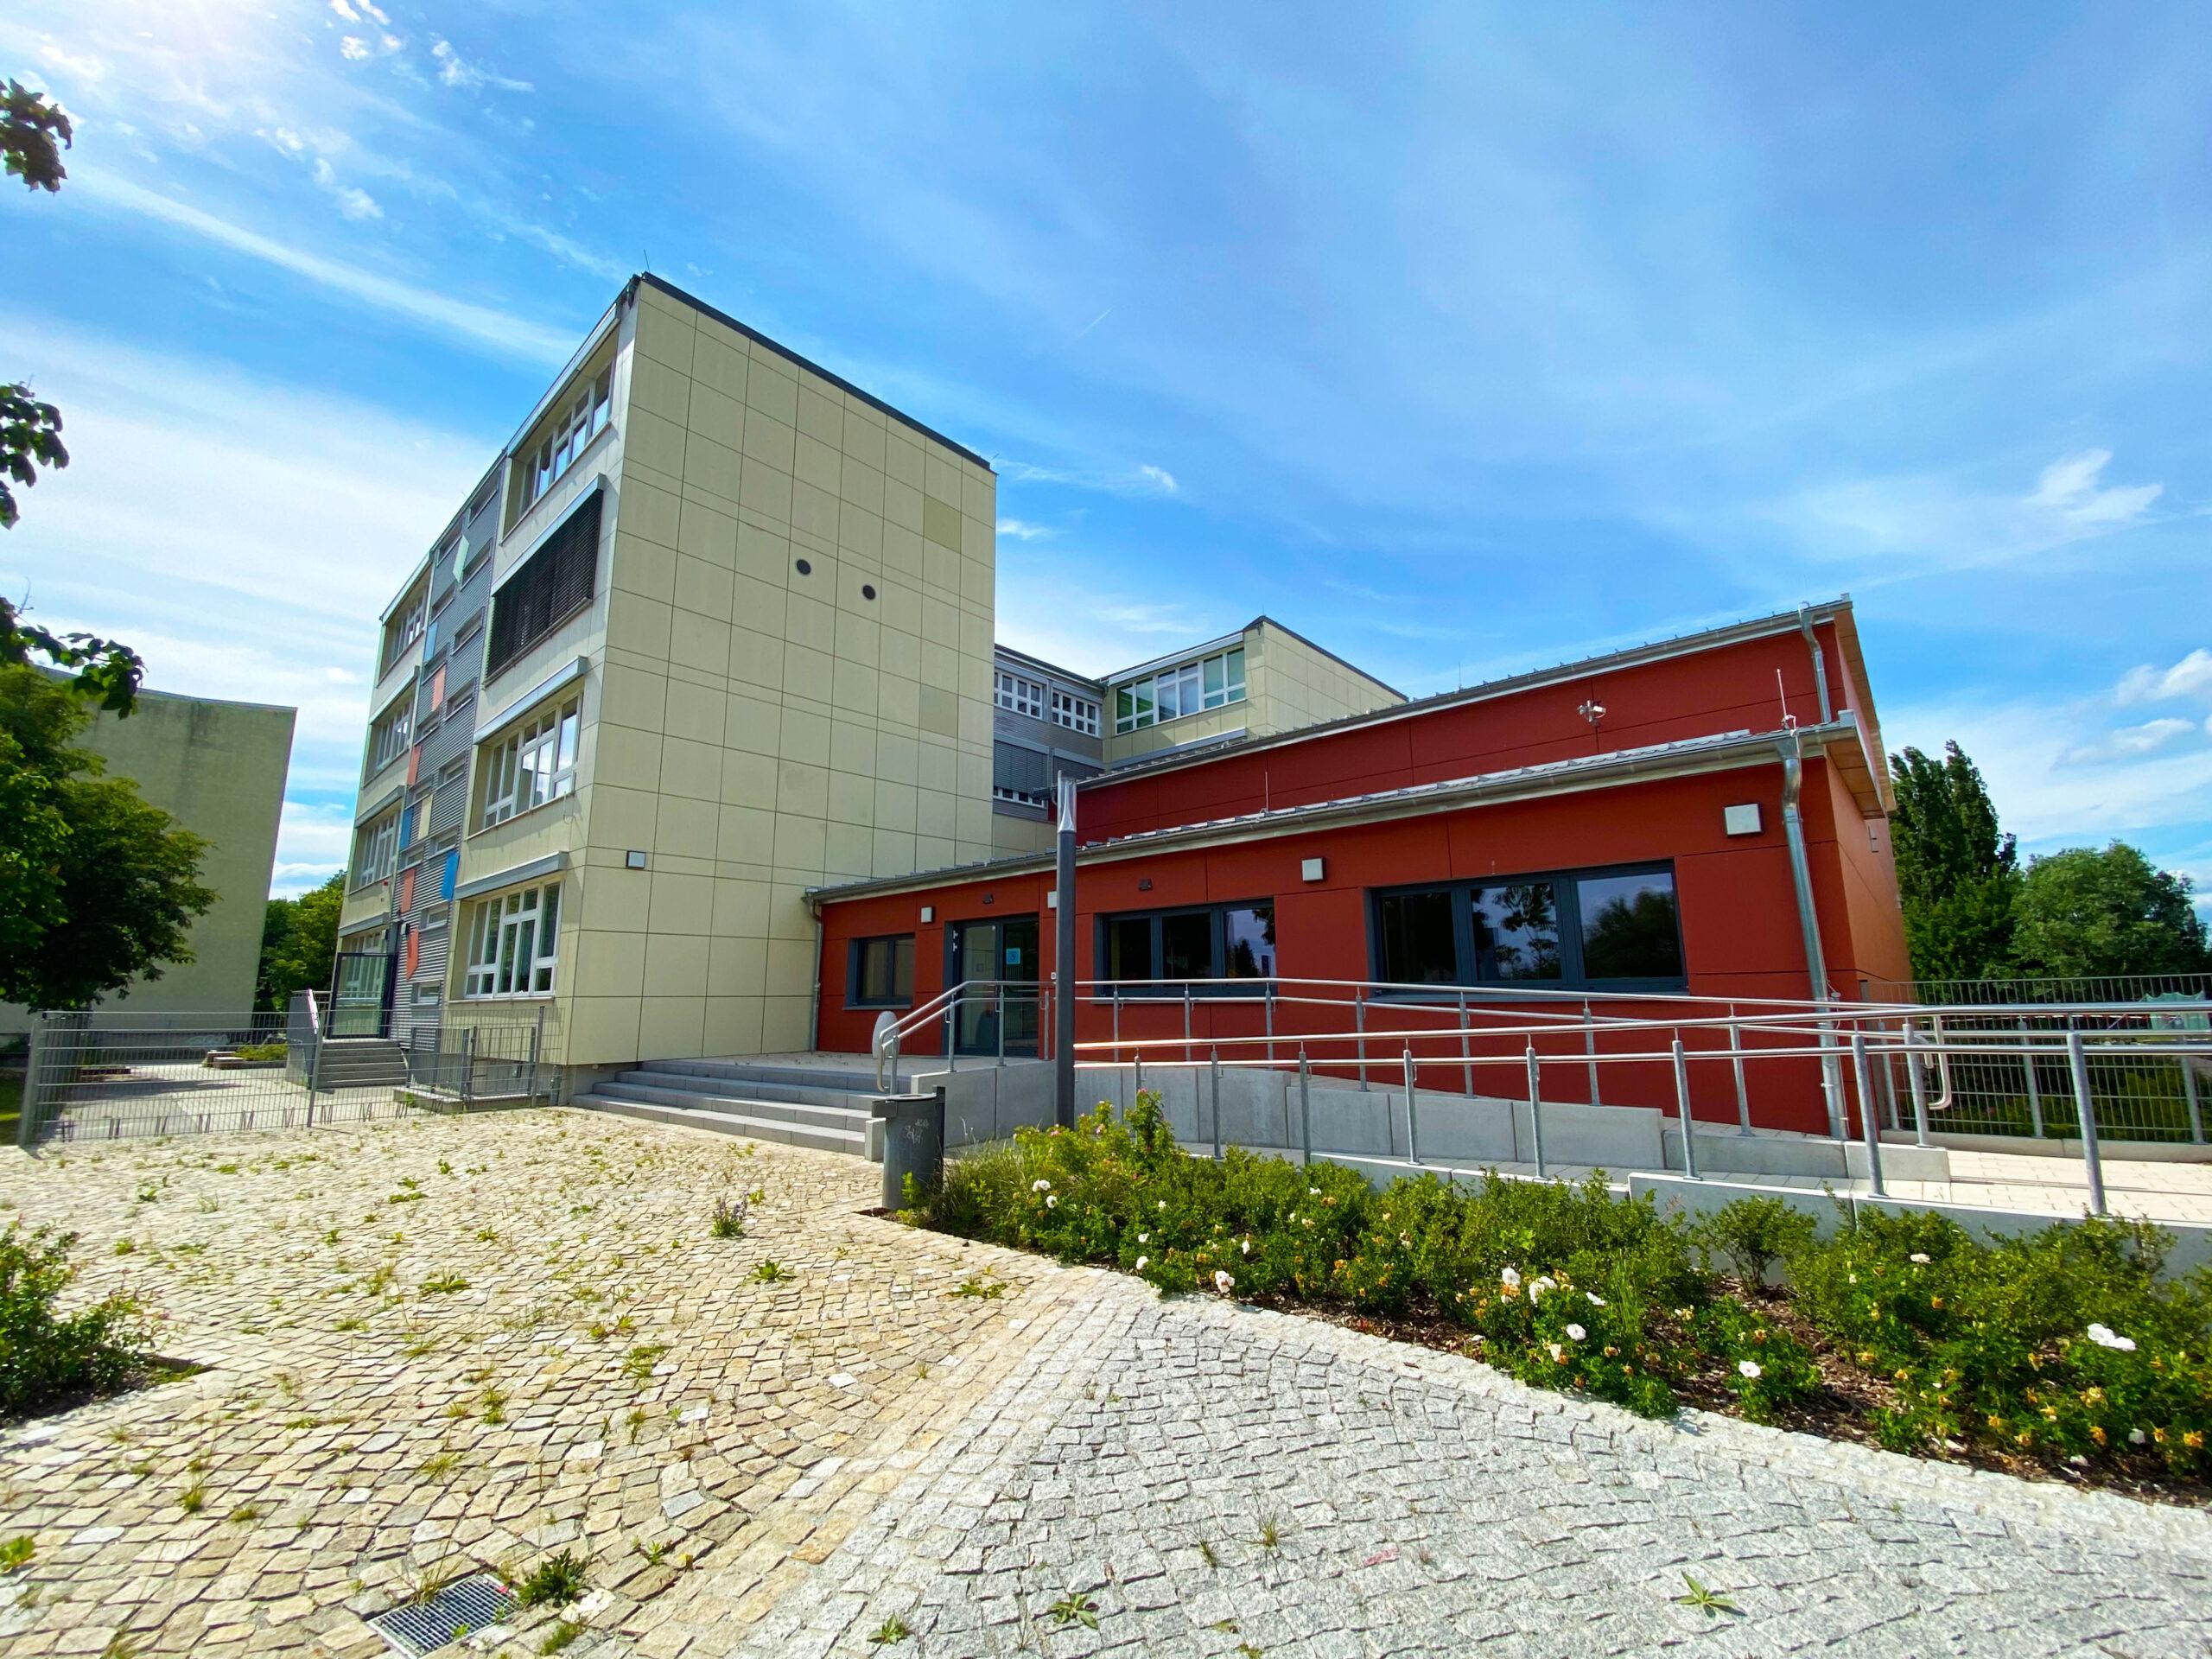 Grundschule Fontane in Beeskow